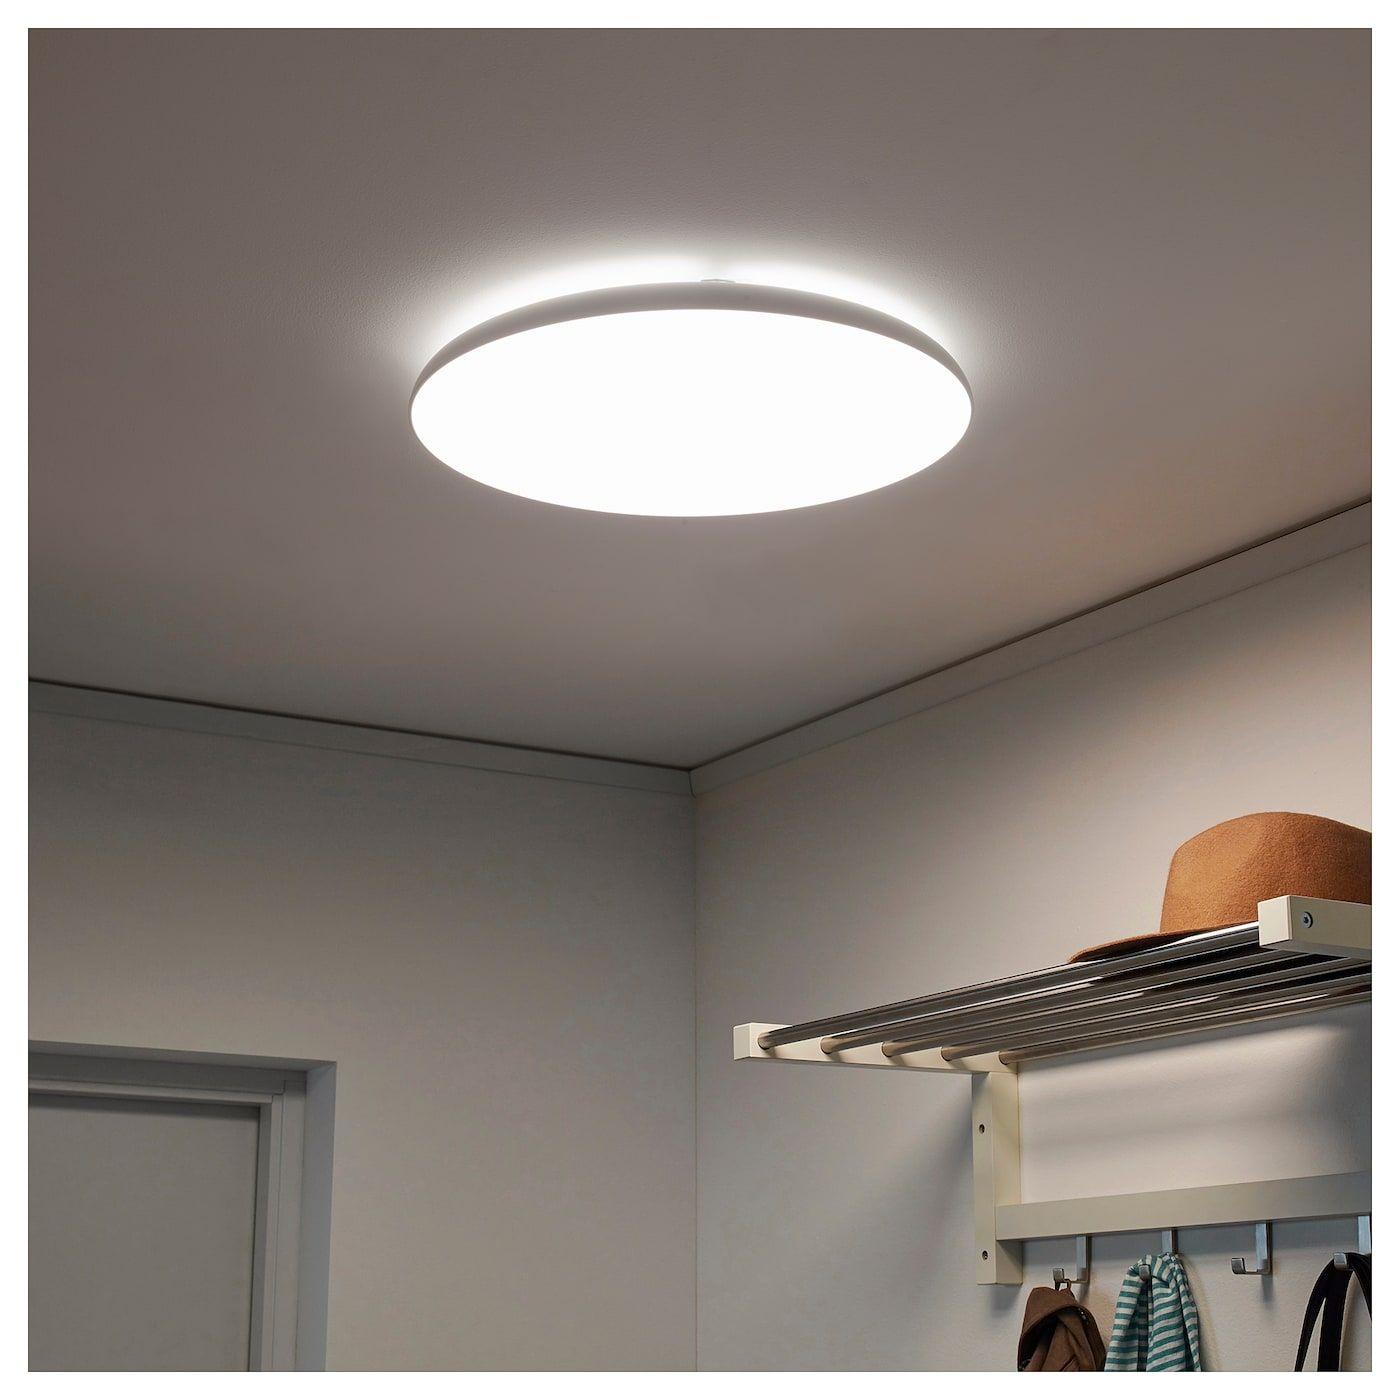 Nymane Led Ceiling Lamp White Ikea Ceiling Lamp White Ceiling Lamp Ceiling Lamp Design